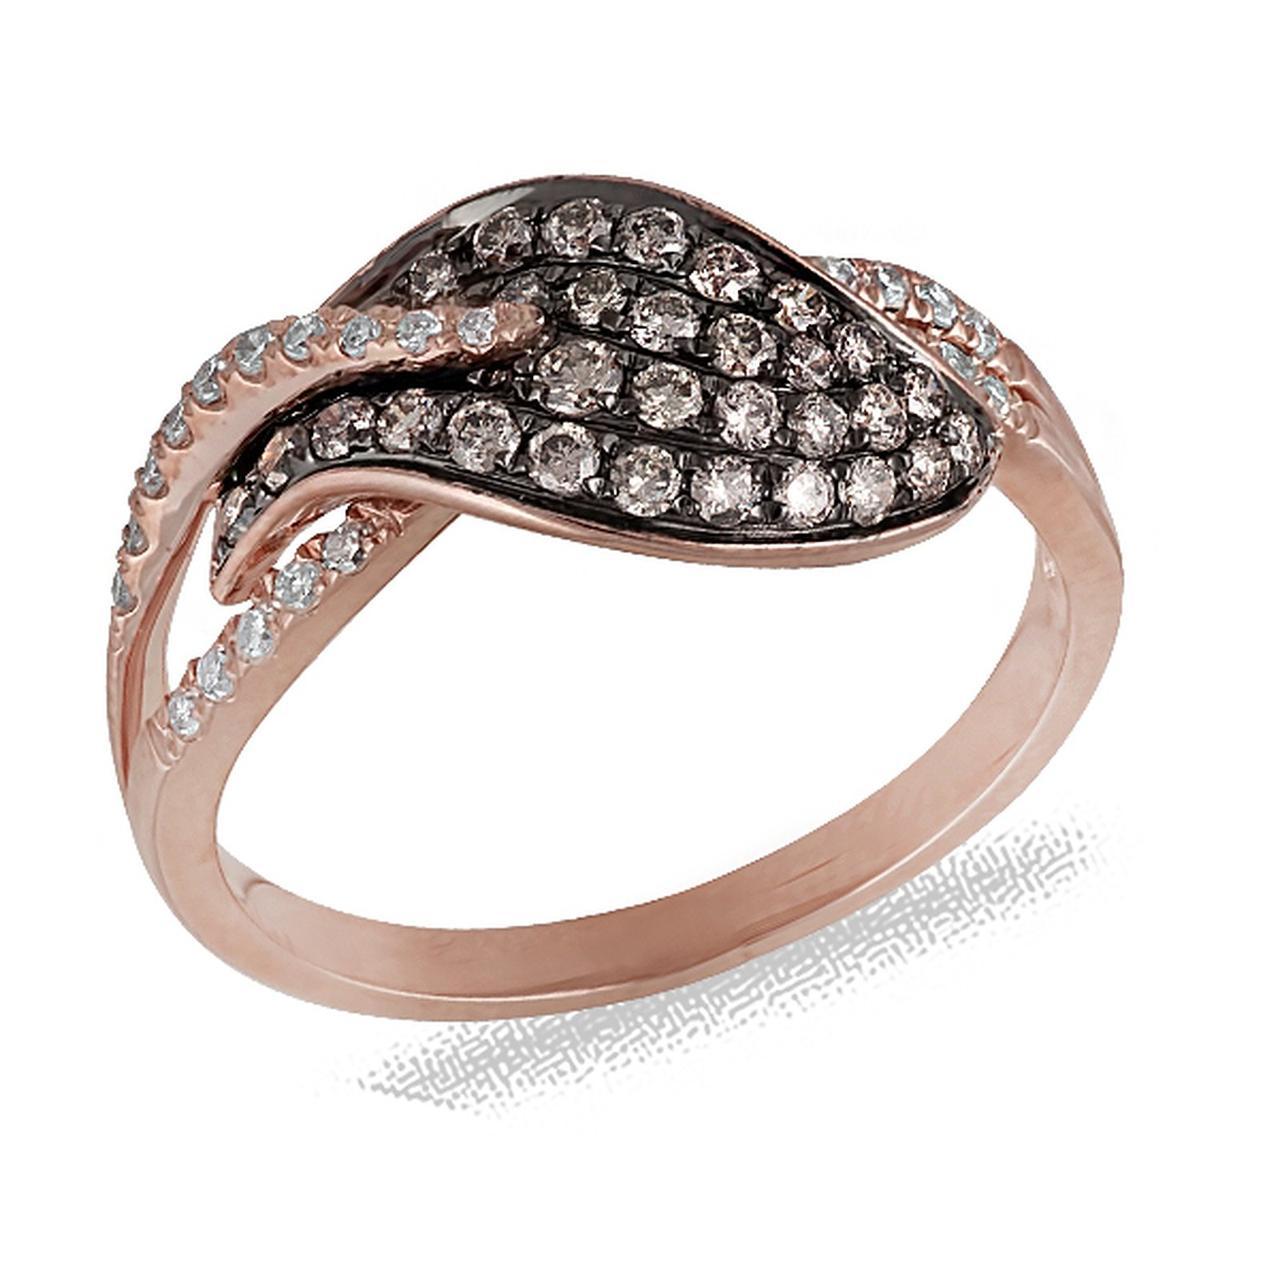 Золотое кольцо с бриллиантами, размер 16.5 (030237)